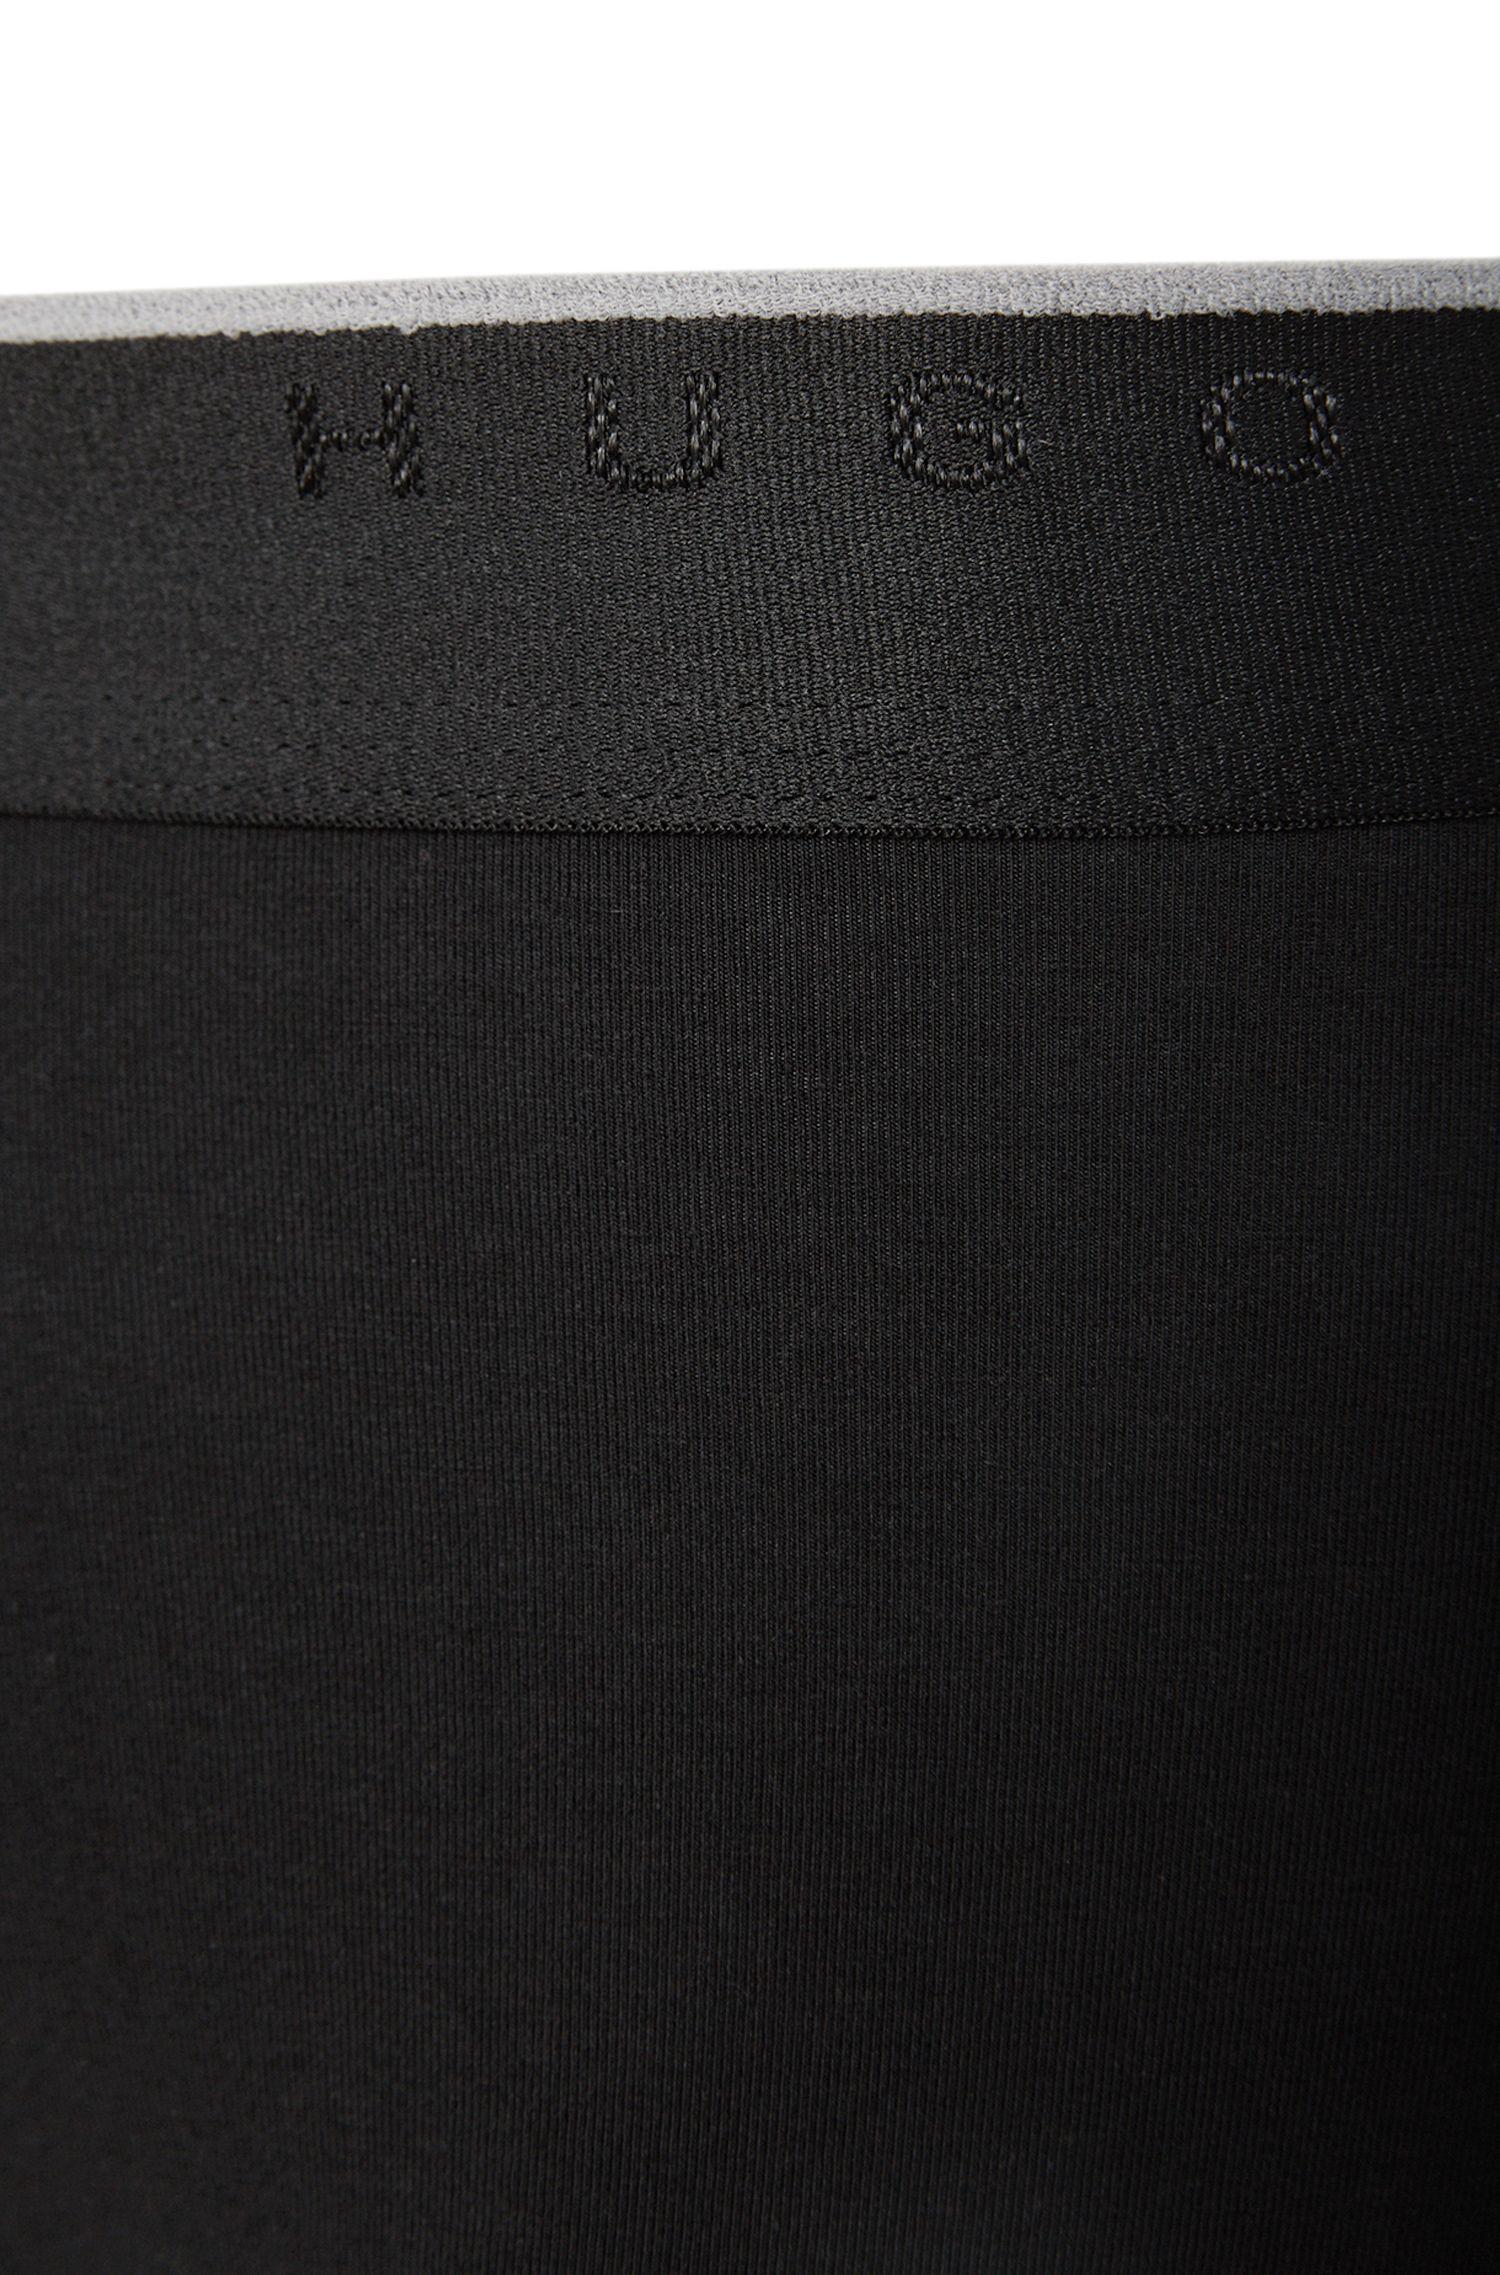 Boxershorts aus elastischer Baumwolle mit mittlerer Bundhöhe, Schwarz